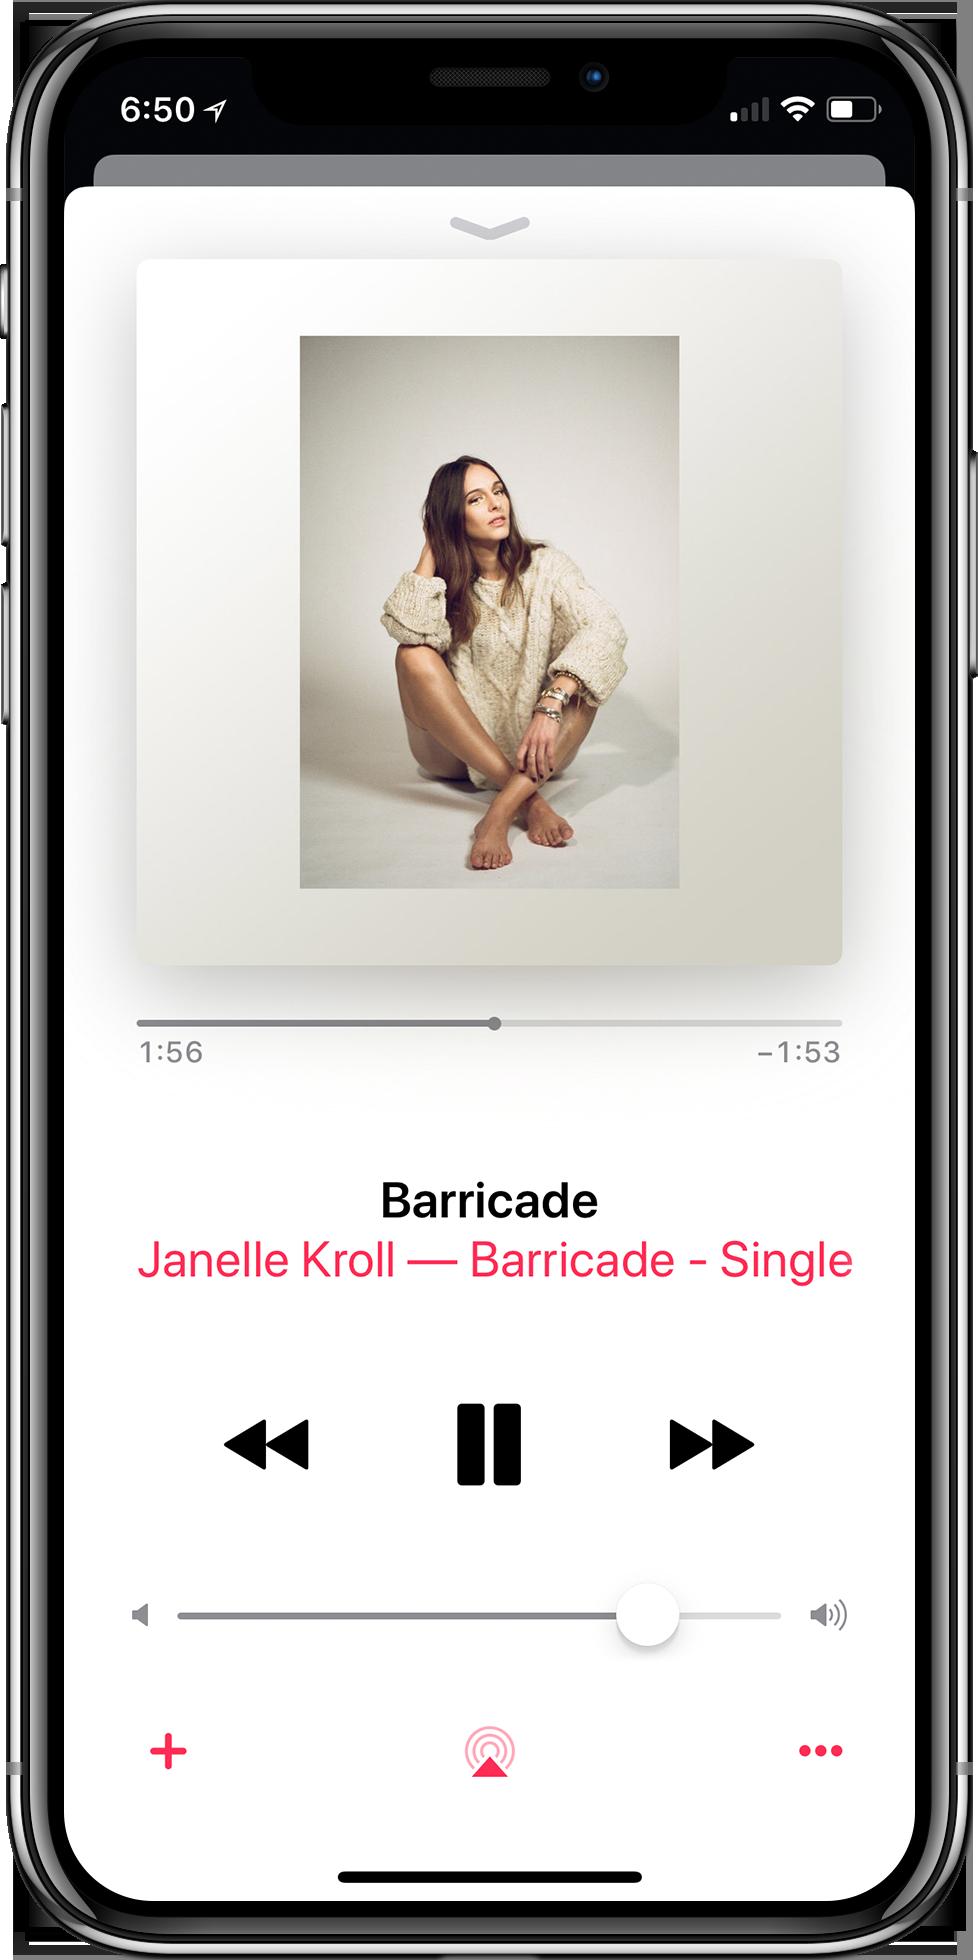 jk-barricade-iphonex-applemusic